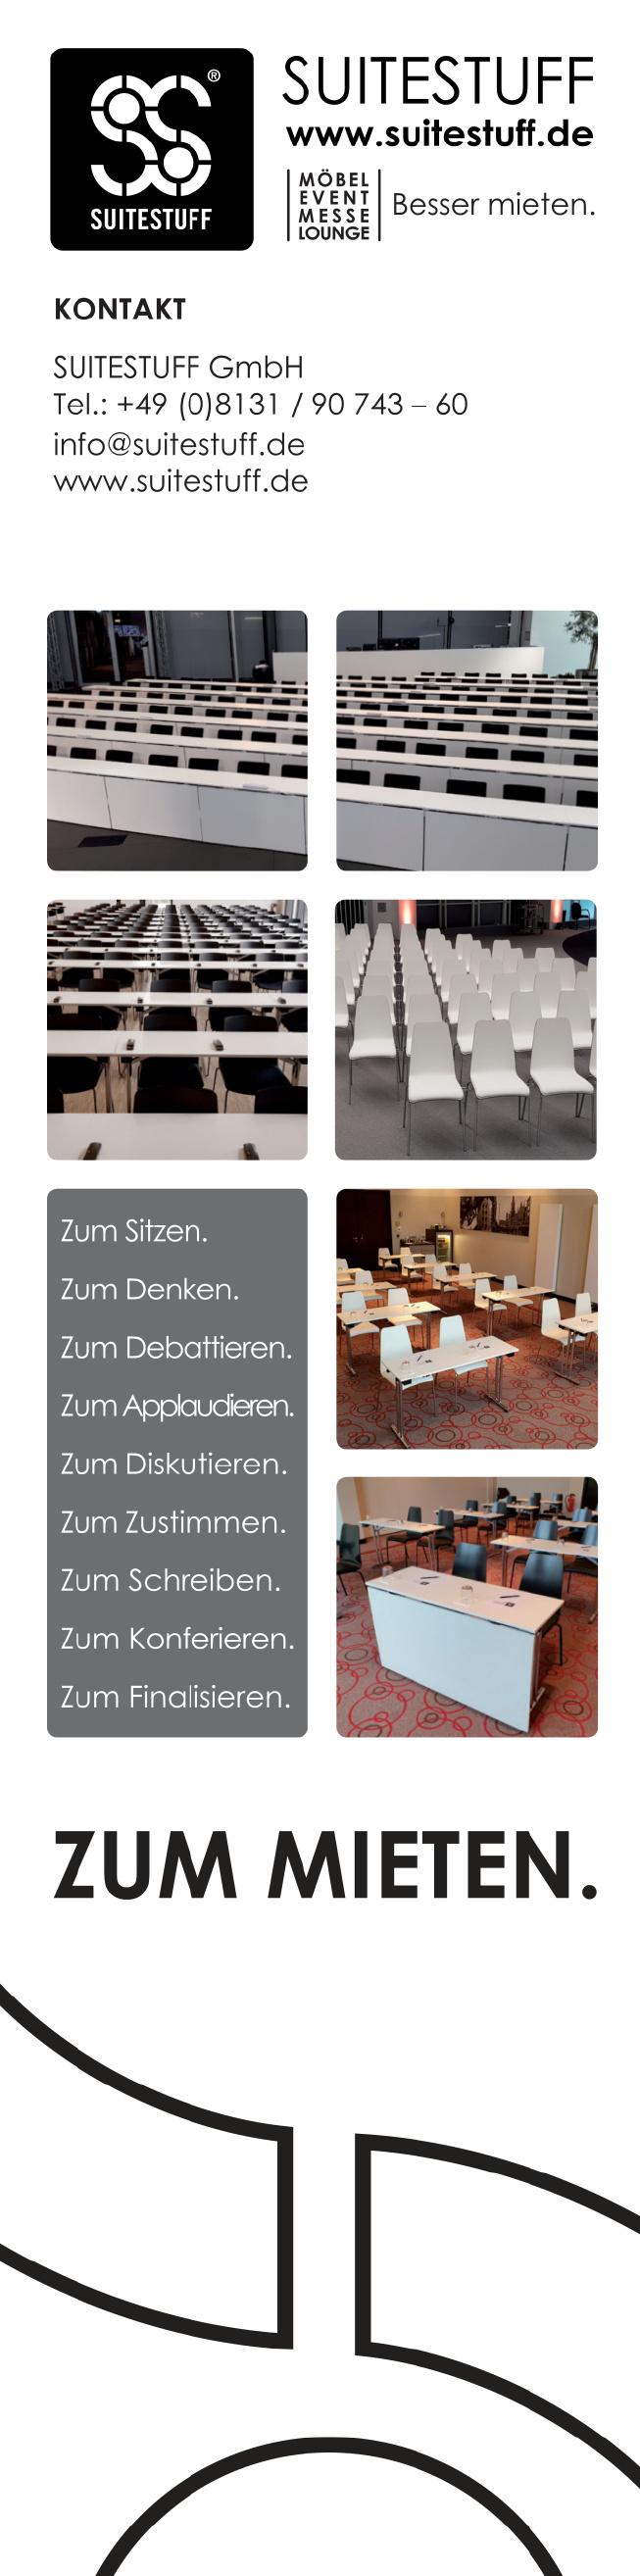 SUITESTUFF GmbH